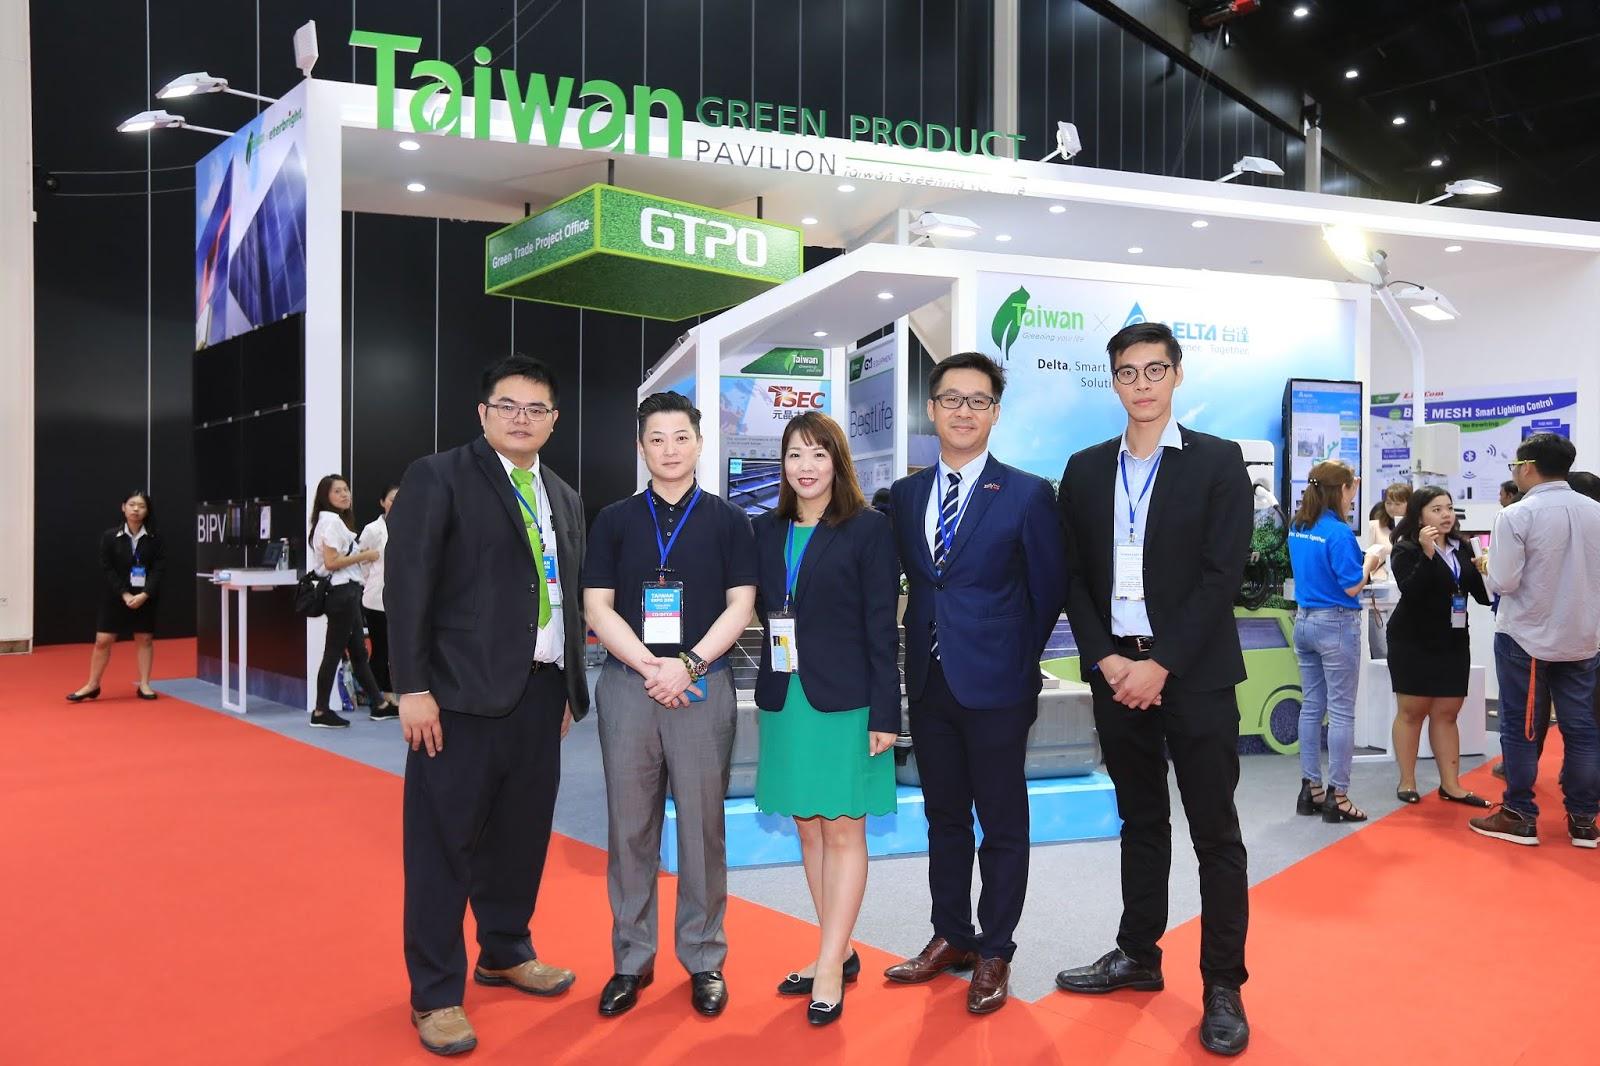 สำนักงานโครงการการค้าสีเขียวไต้หวัน จัดแสดงซุ้มผลิตภัณฑ์สีเขียว  นำเสนอเทคโนโลยีเพื่อการสร้างเมืองอัจฉริยะตามนโยบายไทยแลนด์ 4.0  ในงาน Taiwan Expo 2018